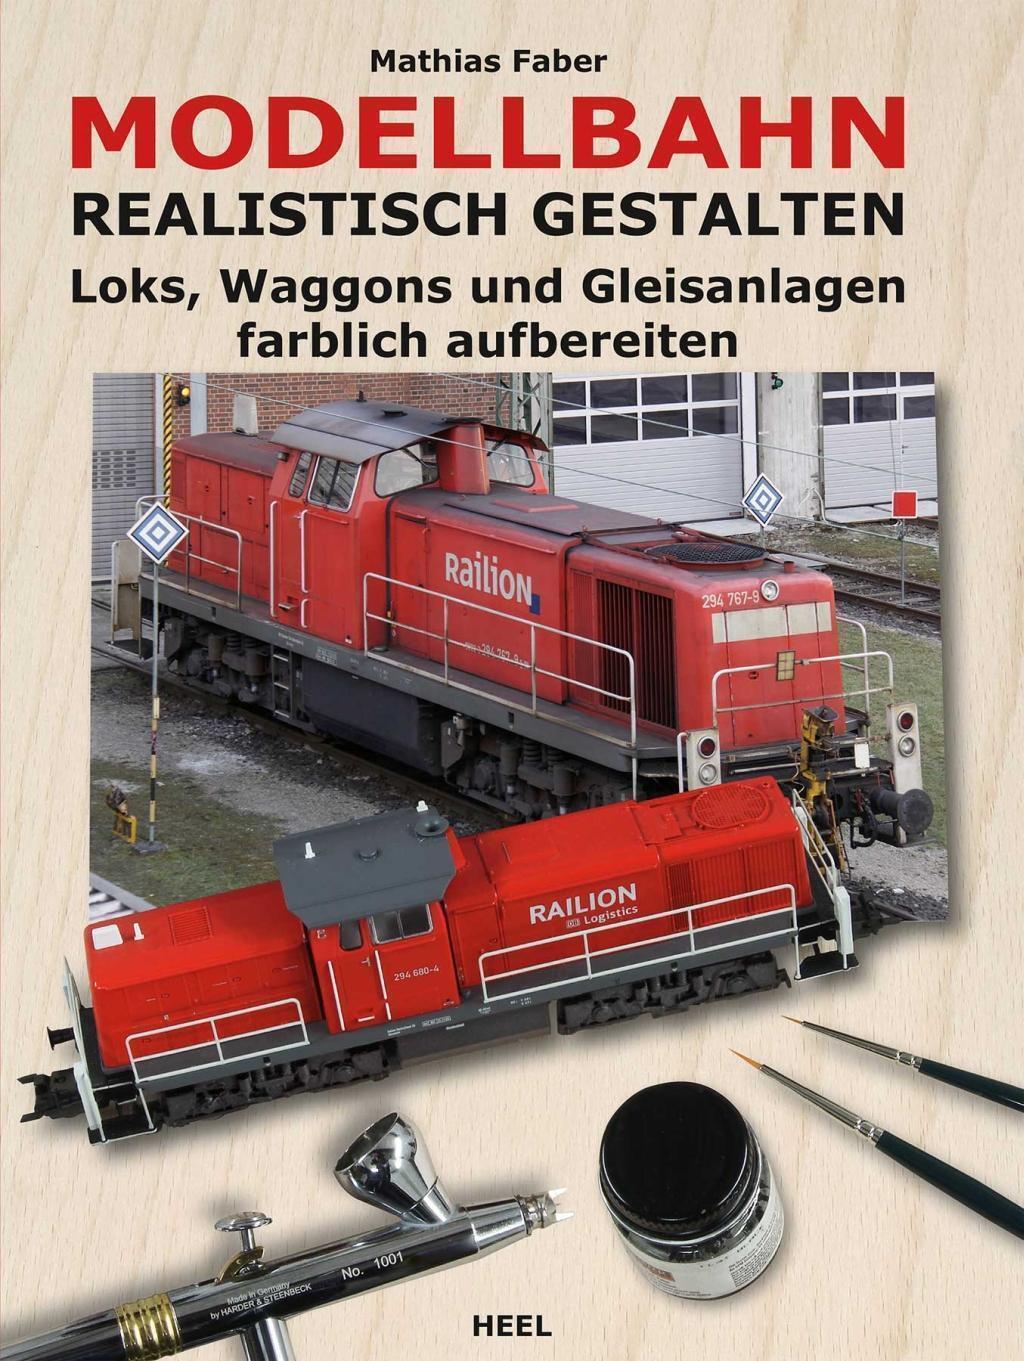 Modellbahn realistisch gestalten Loks Waggons und Gleisanlagen gestalten Buch